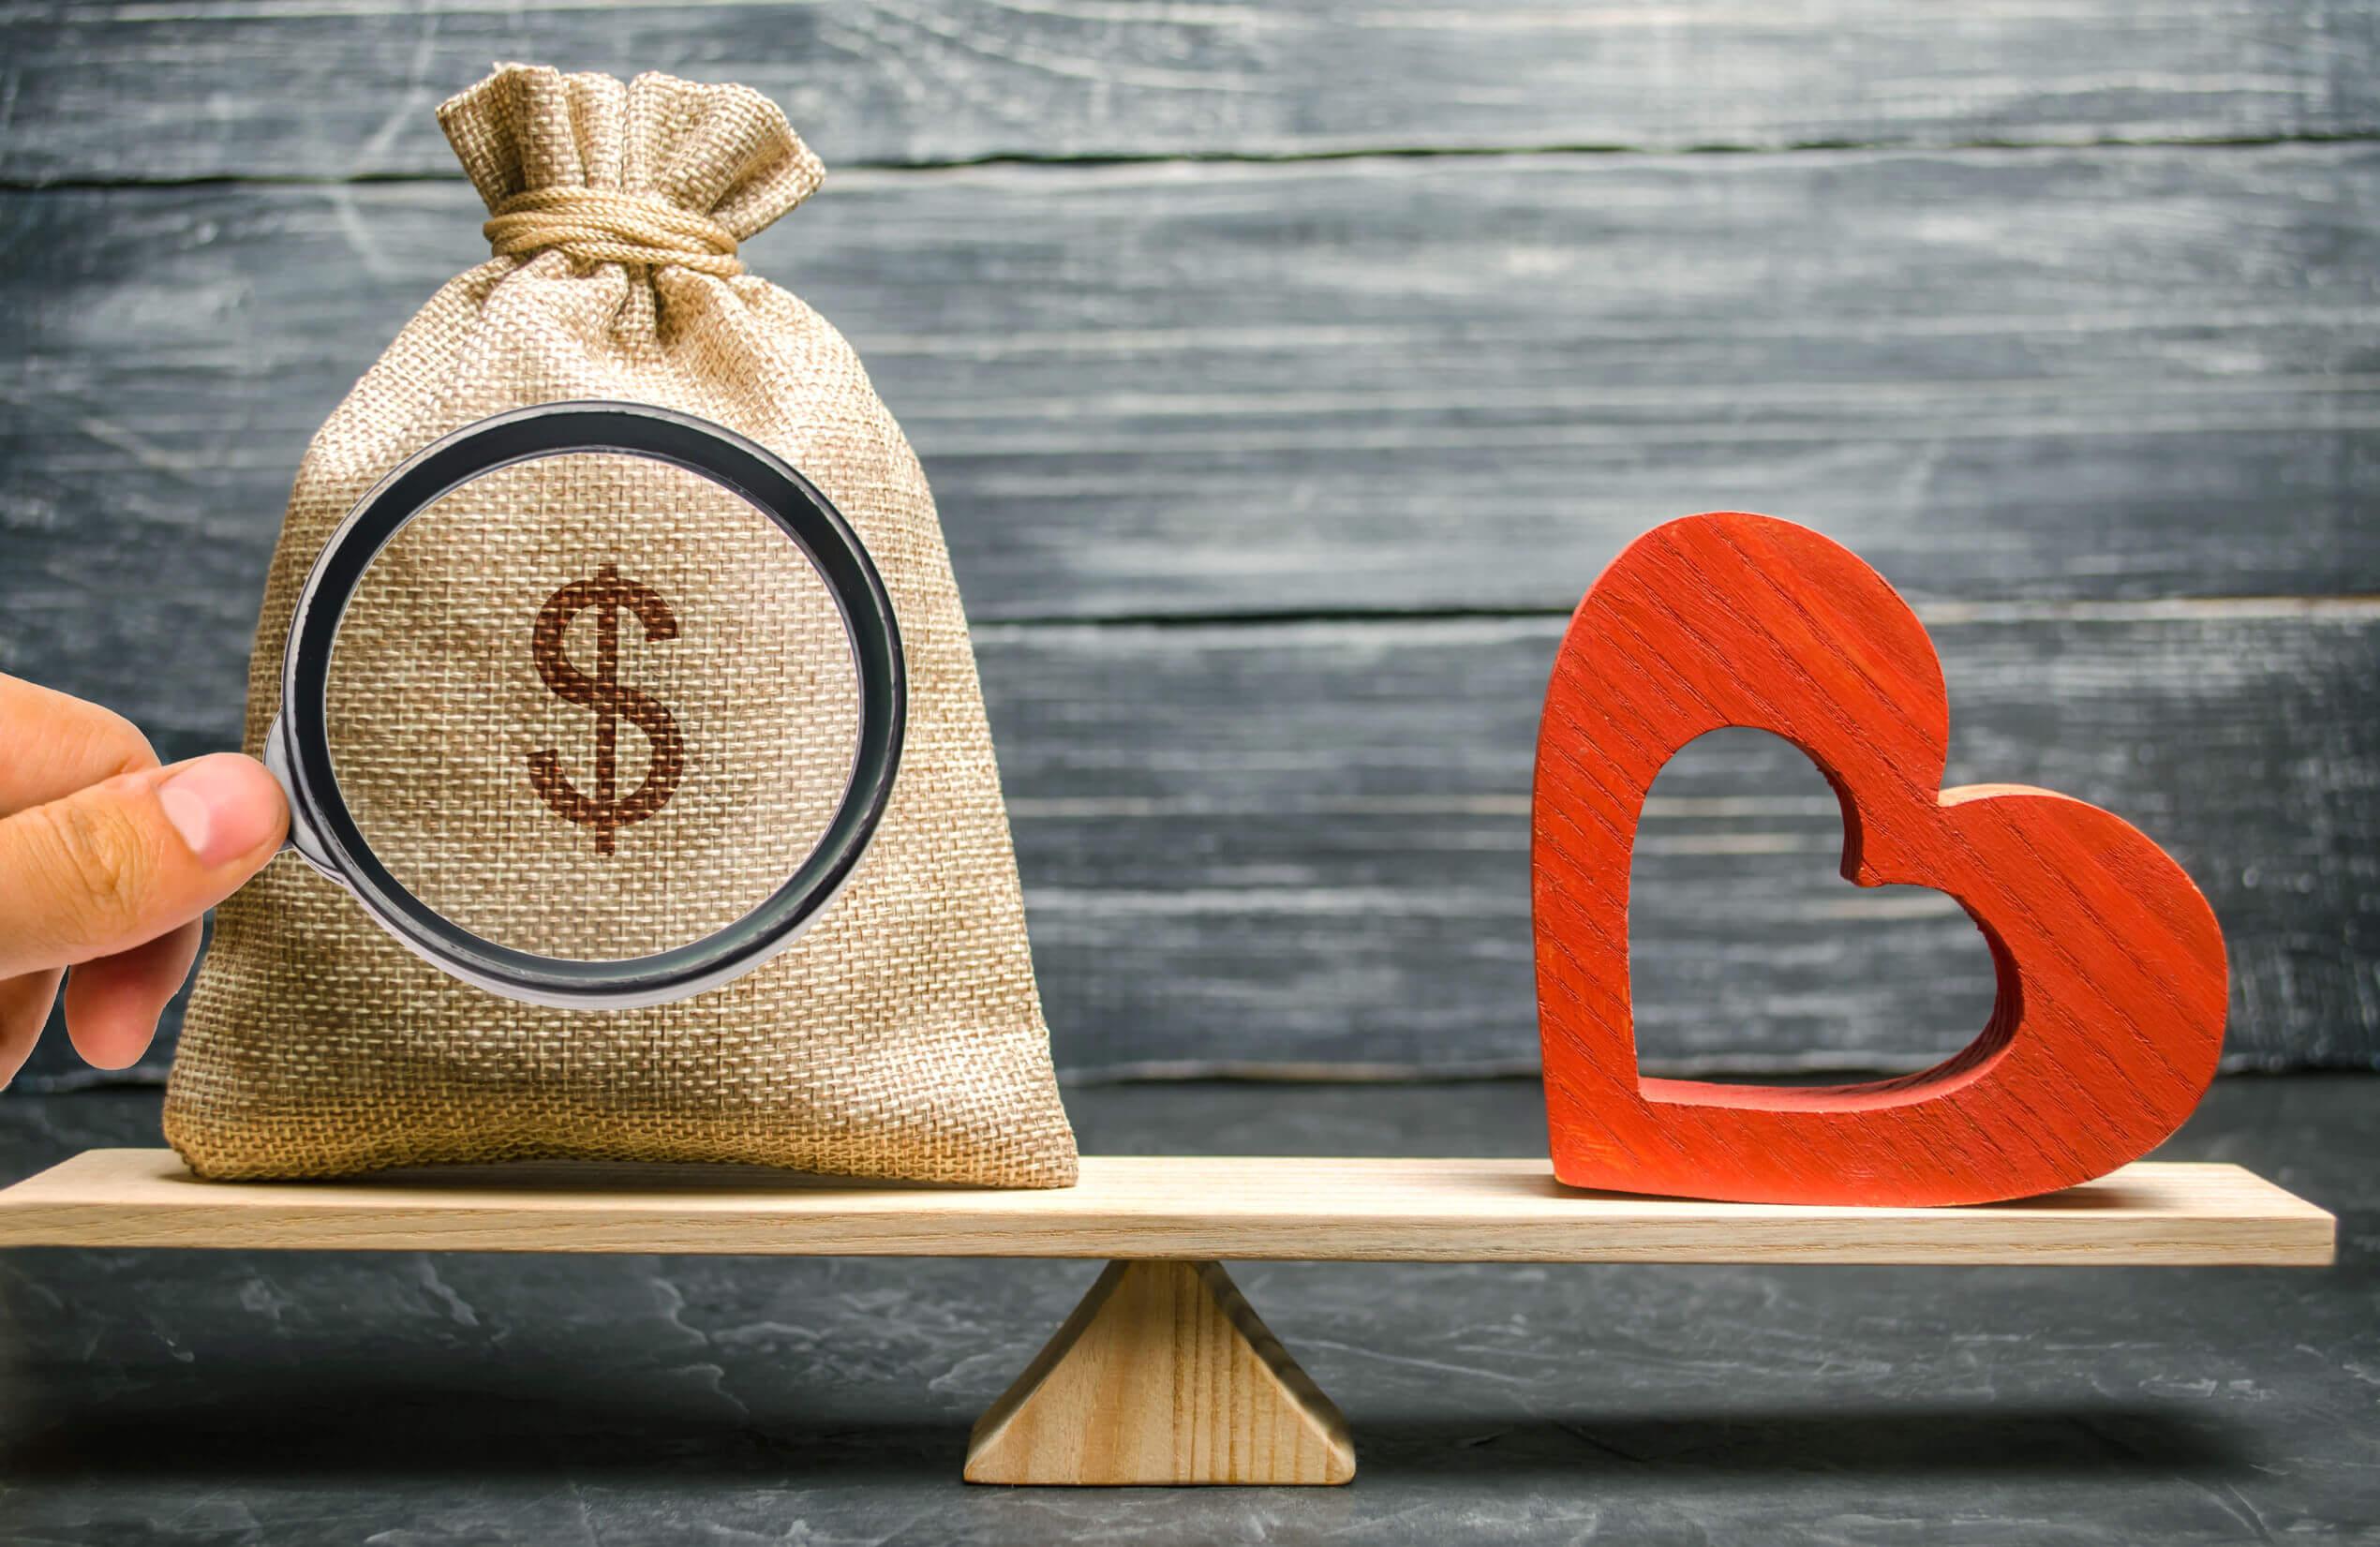 Las parejas que discuten mucho pueden hacerlo por dinero.